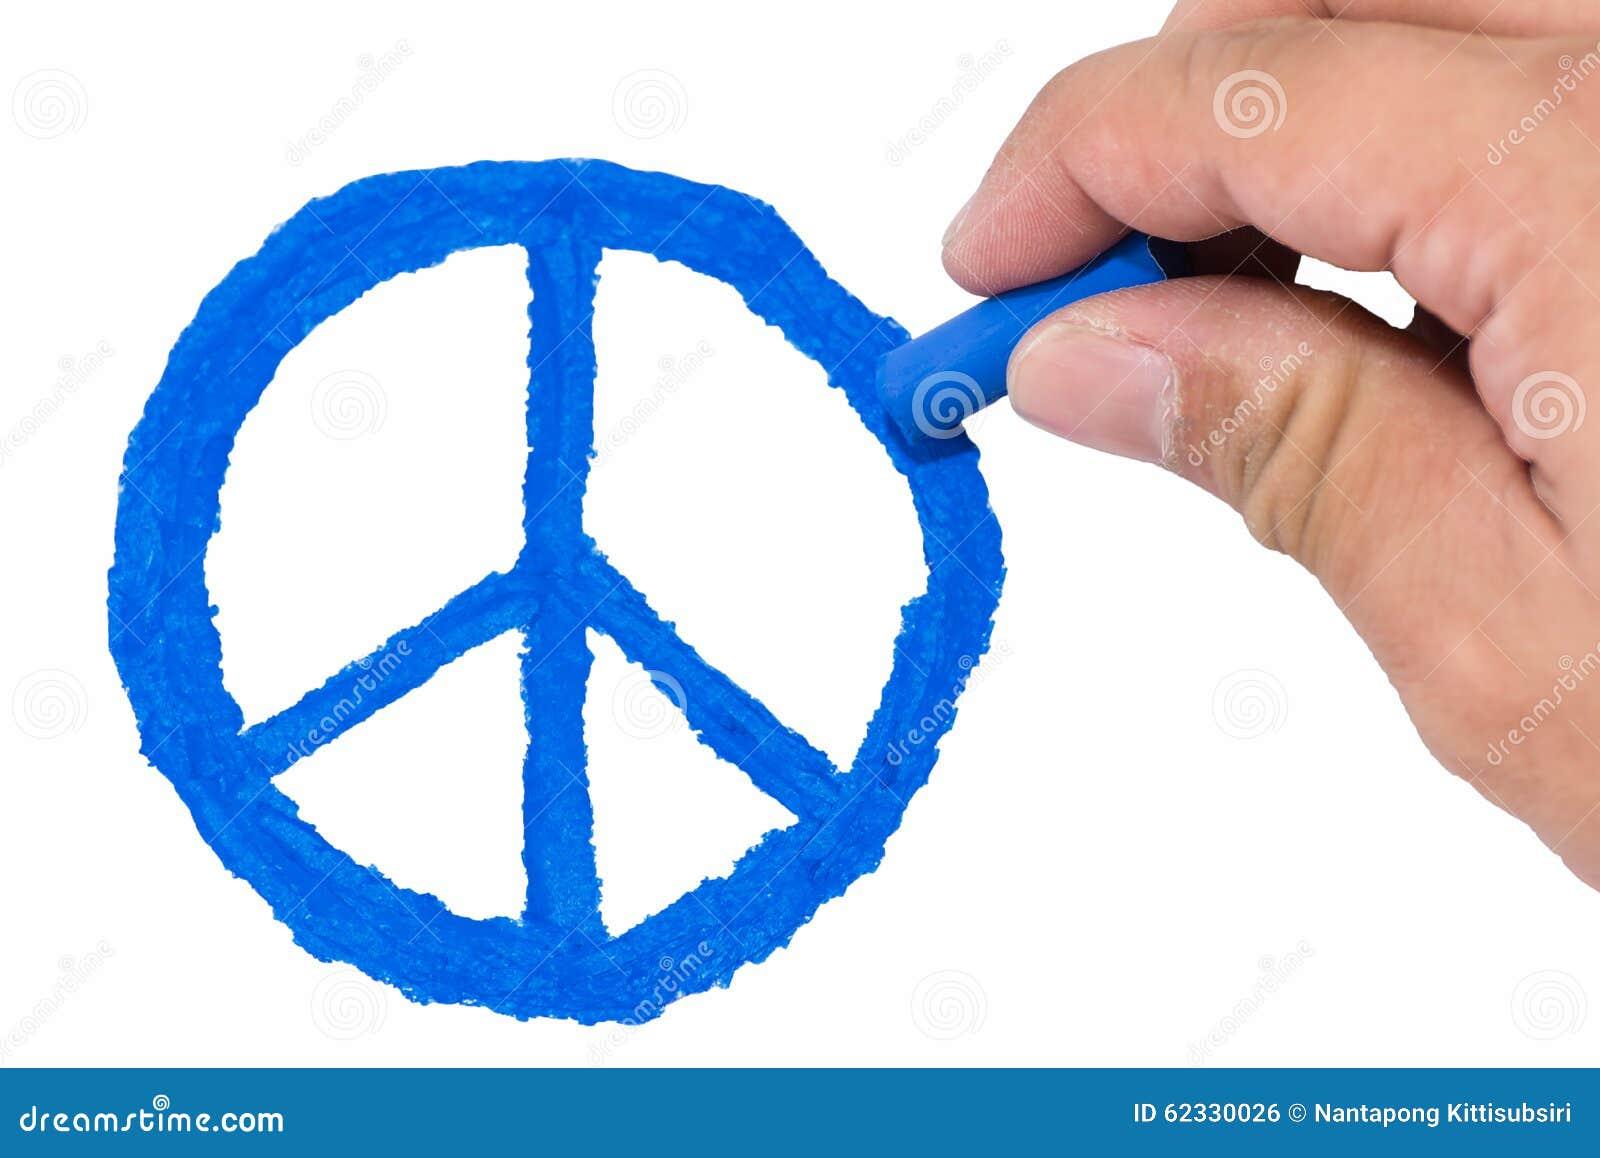 Exceptionnel Symbole De Paix Bleu De Couleur Du Dessin Droit De L'homme  YR43